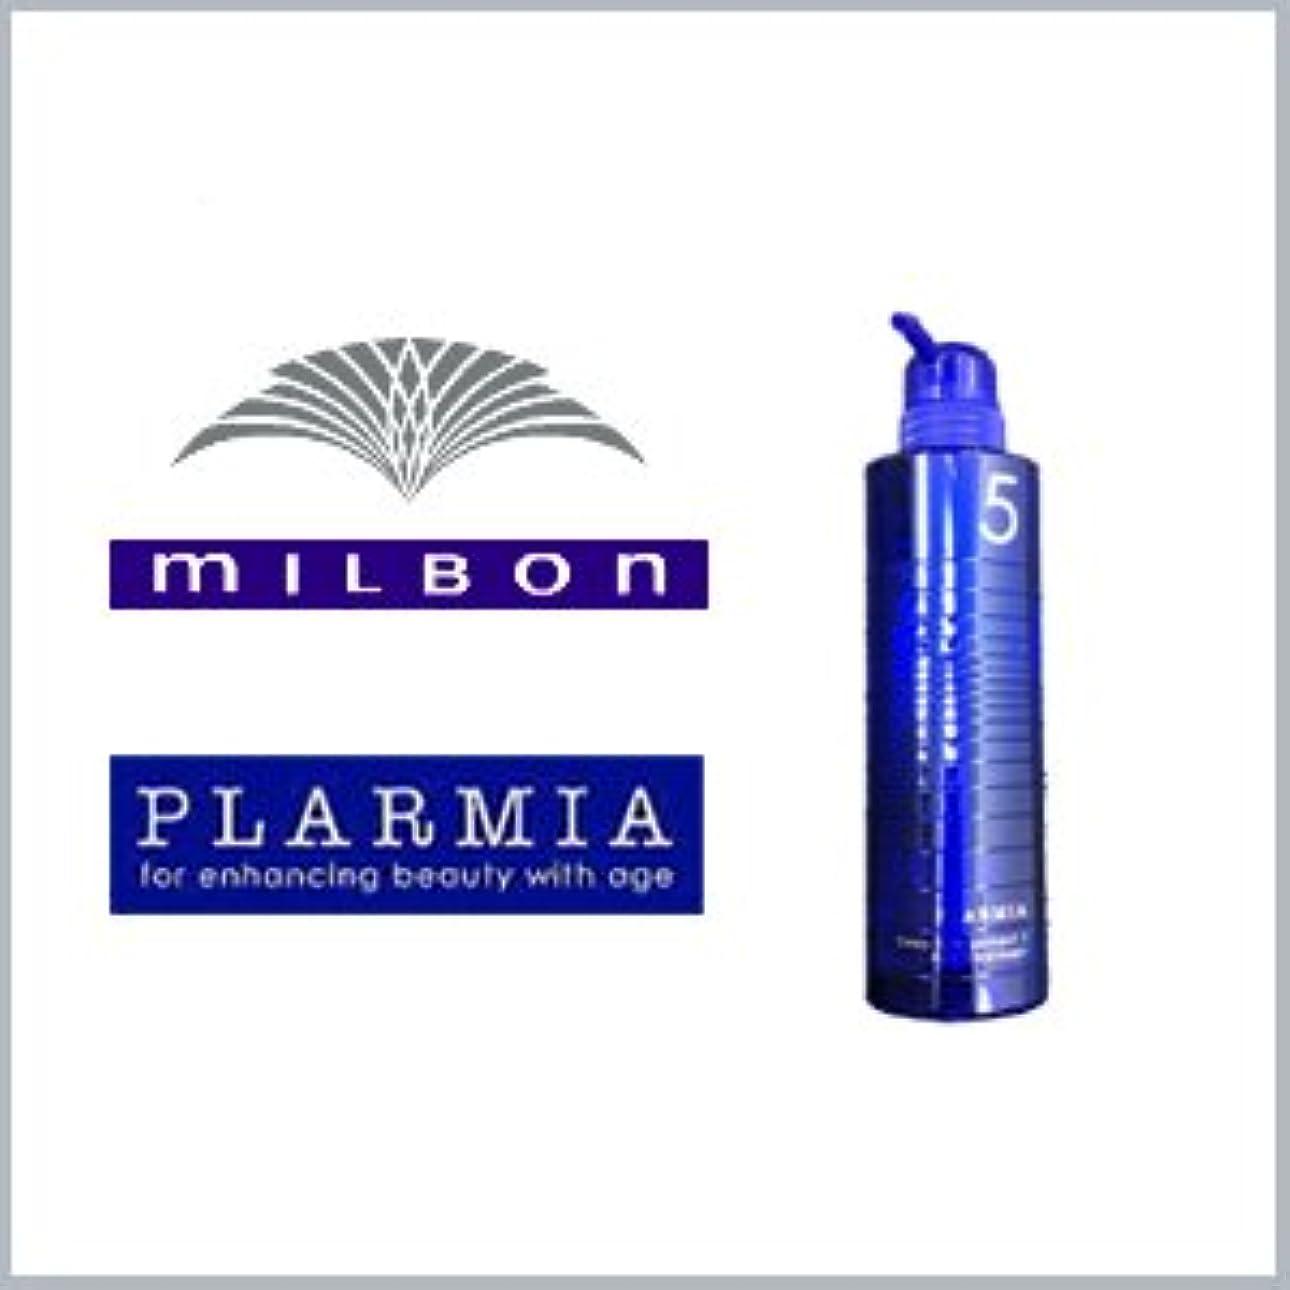 ミルボン プラーミア ディープエナジメント5 空容器 500g